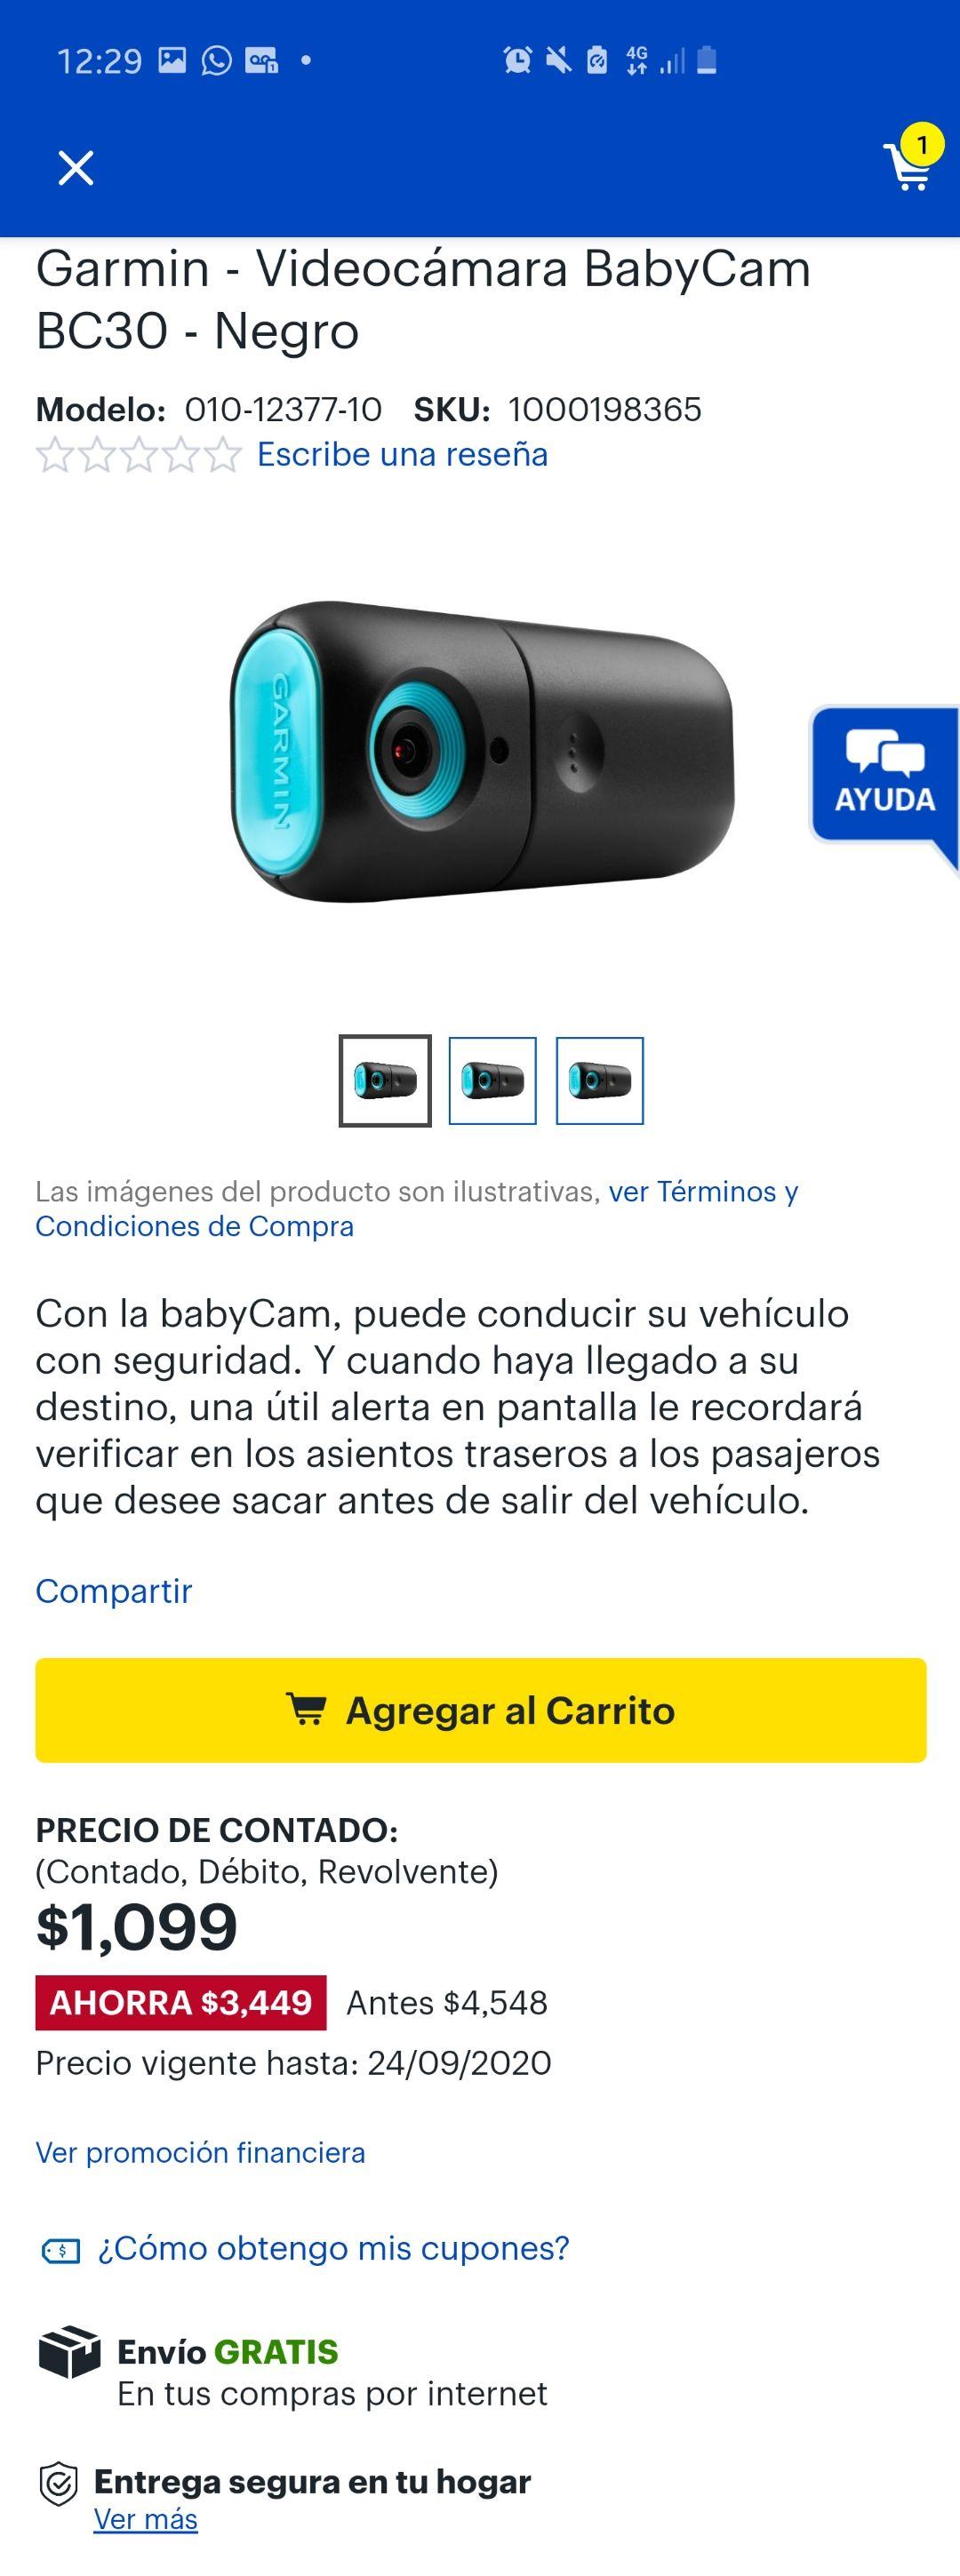 Best Buy: Garmin - Videocámara BabyCam BC30 - Negro